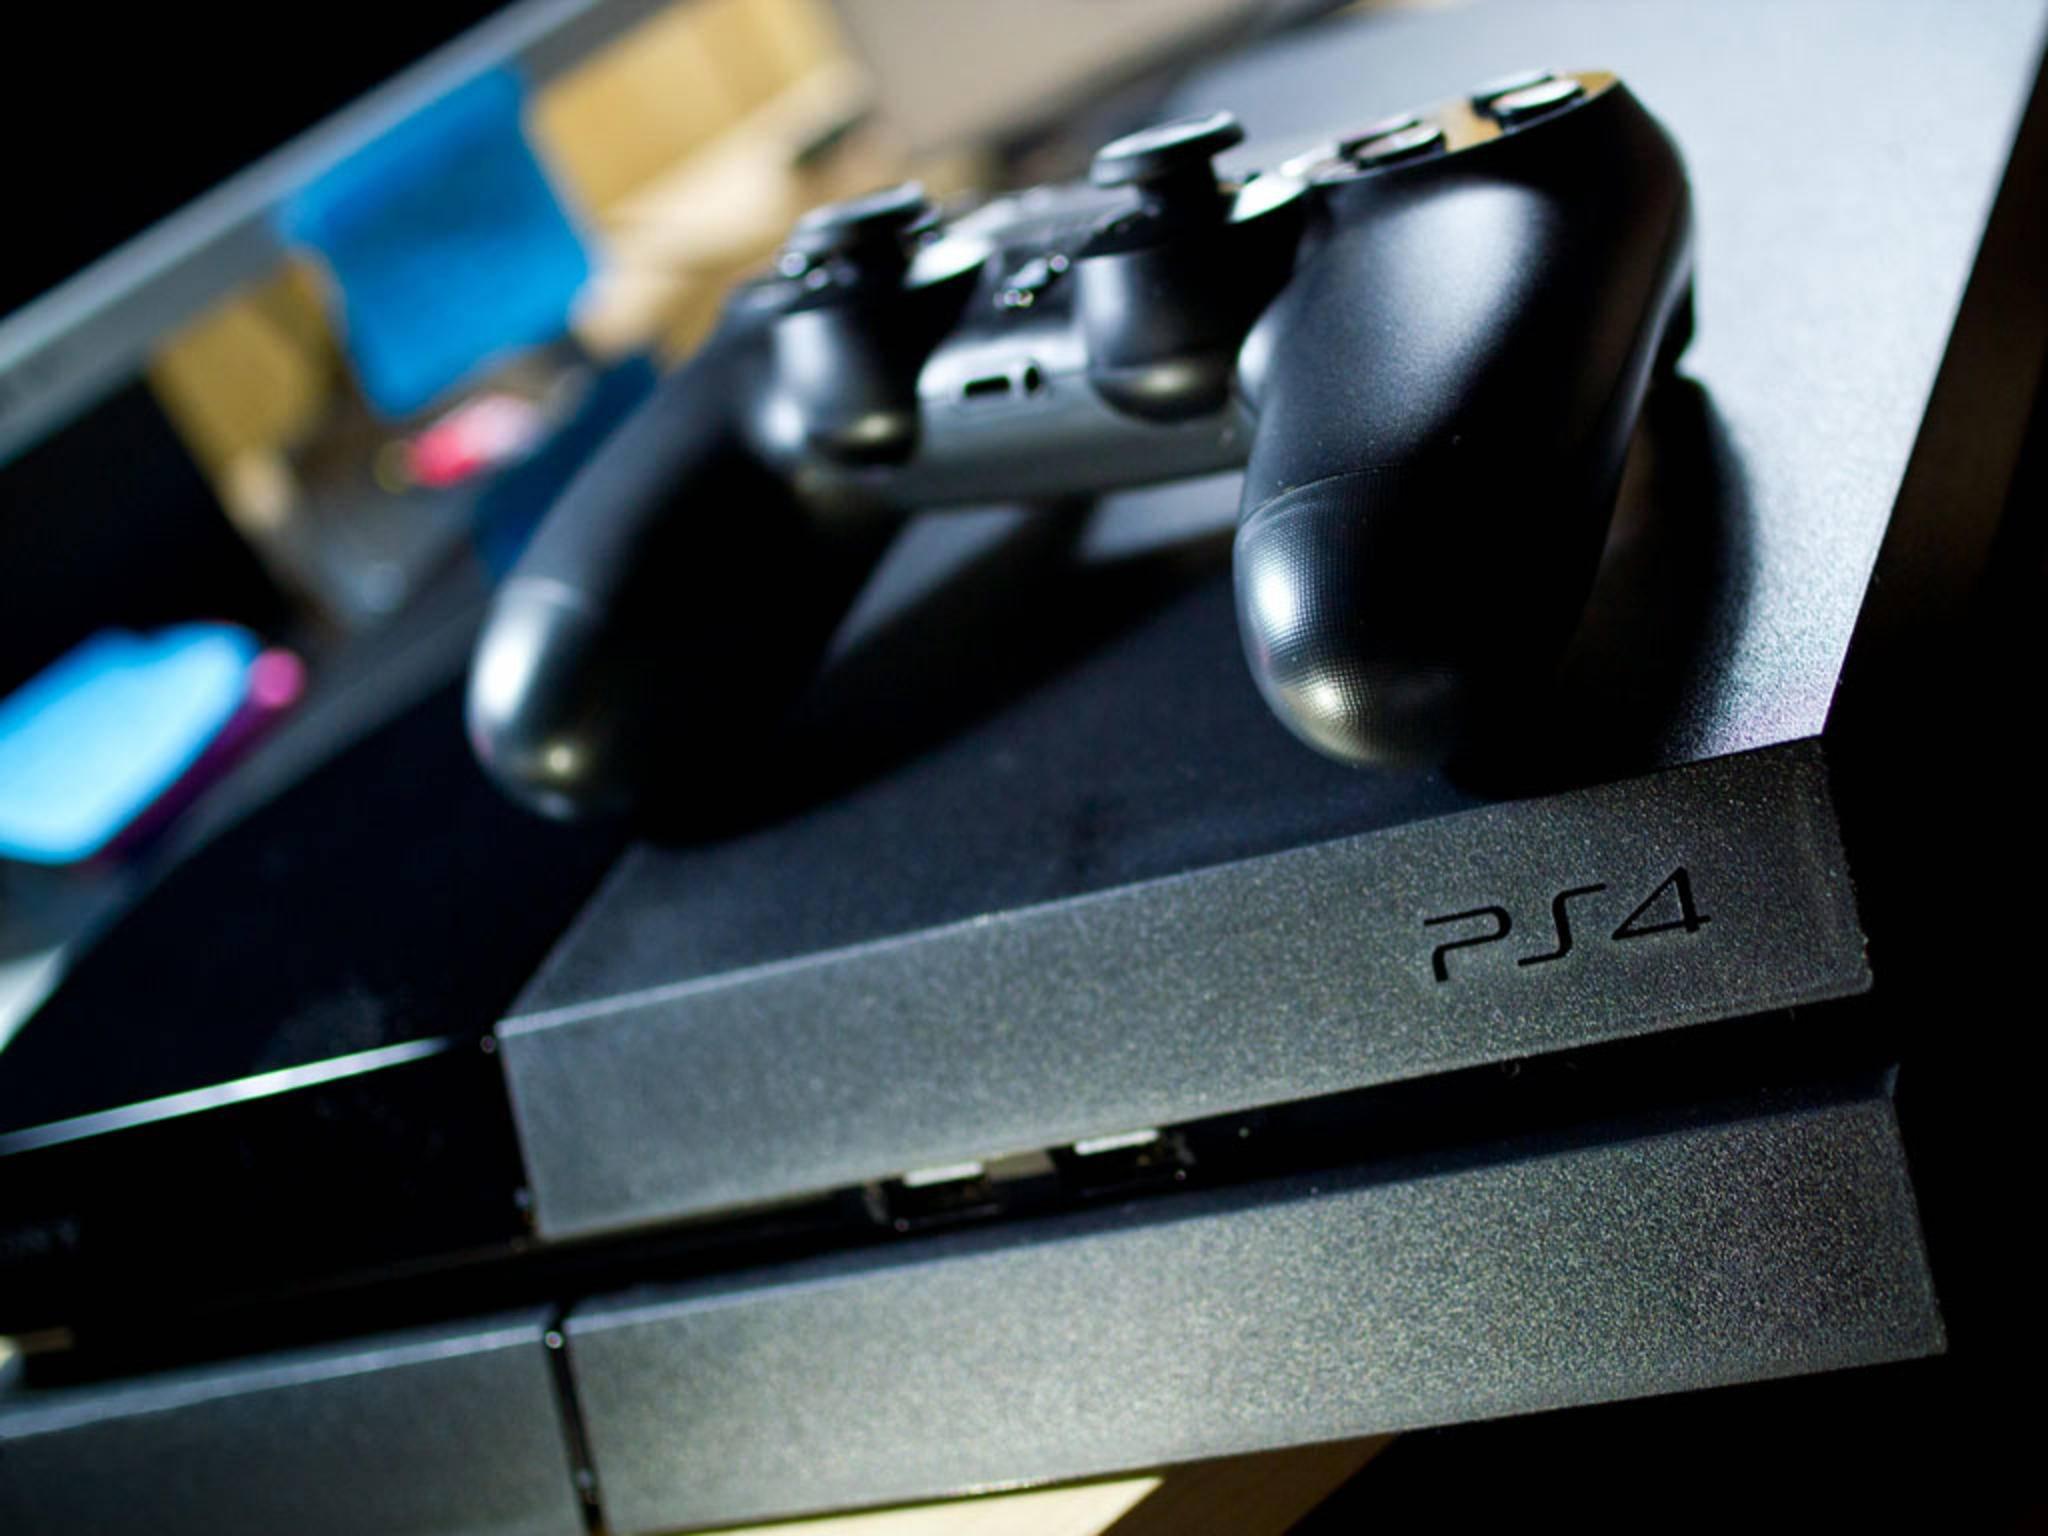 Die PS4 Neo soll mit der Radeon RX 480 eine stärkere Grafikkarte erhalten als die PS4.